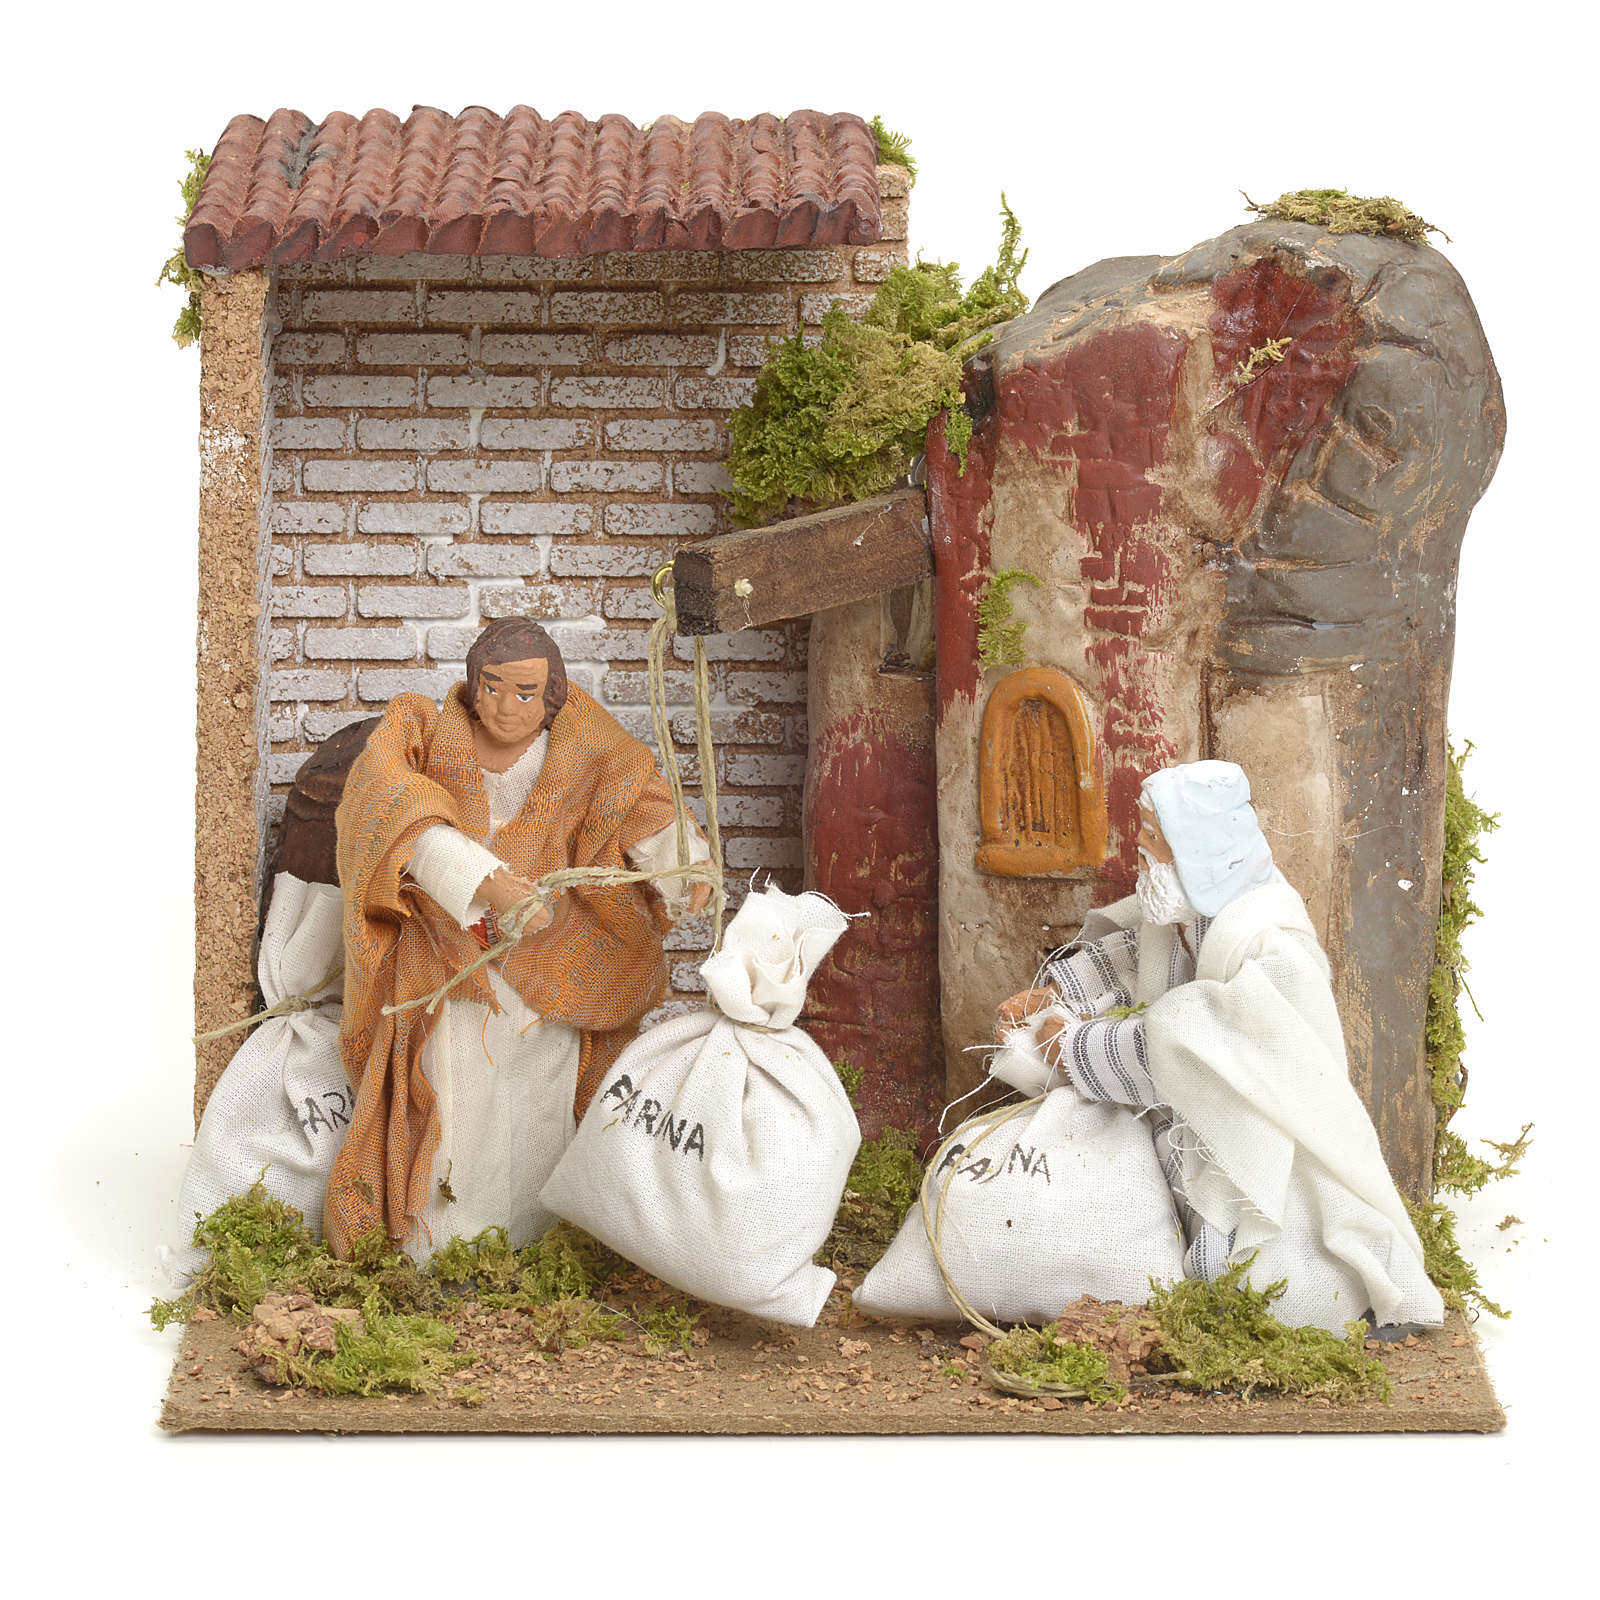 Animated manger scene setting, millers 12 cm 3